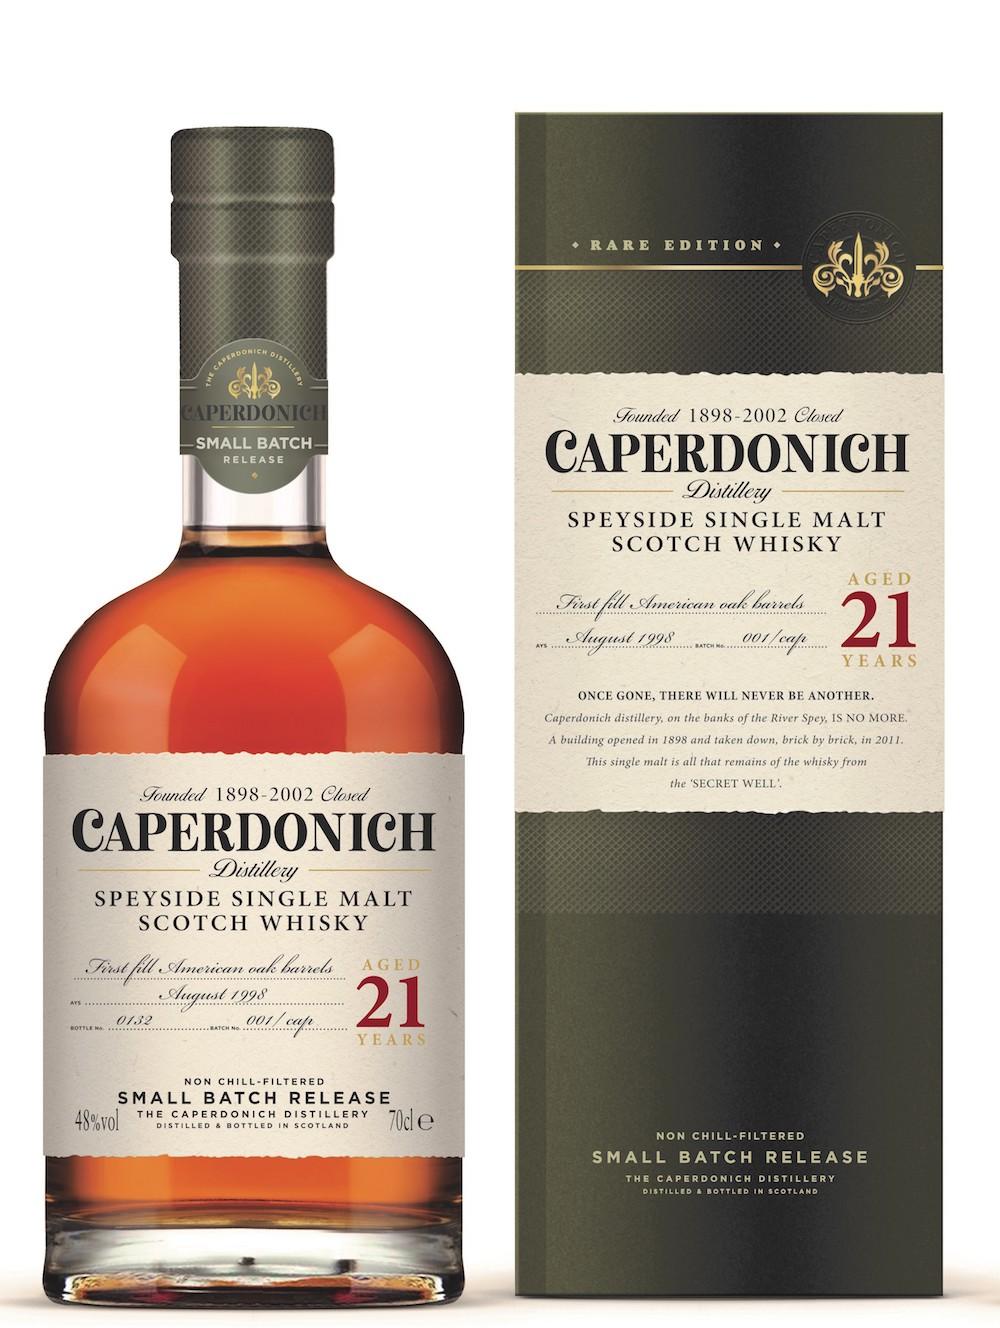 Caperdonich 21 year old